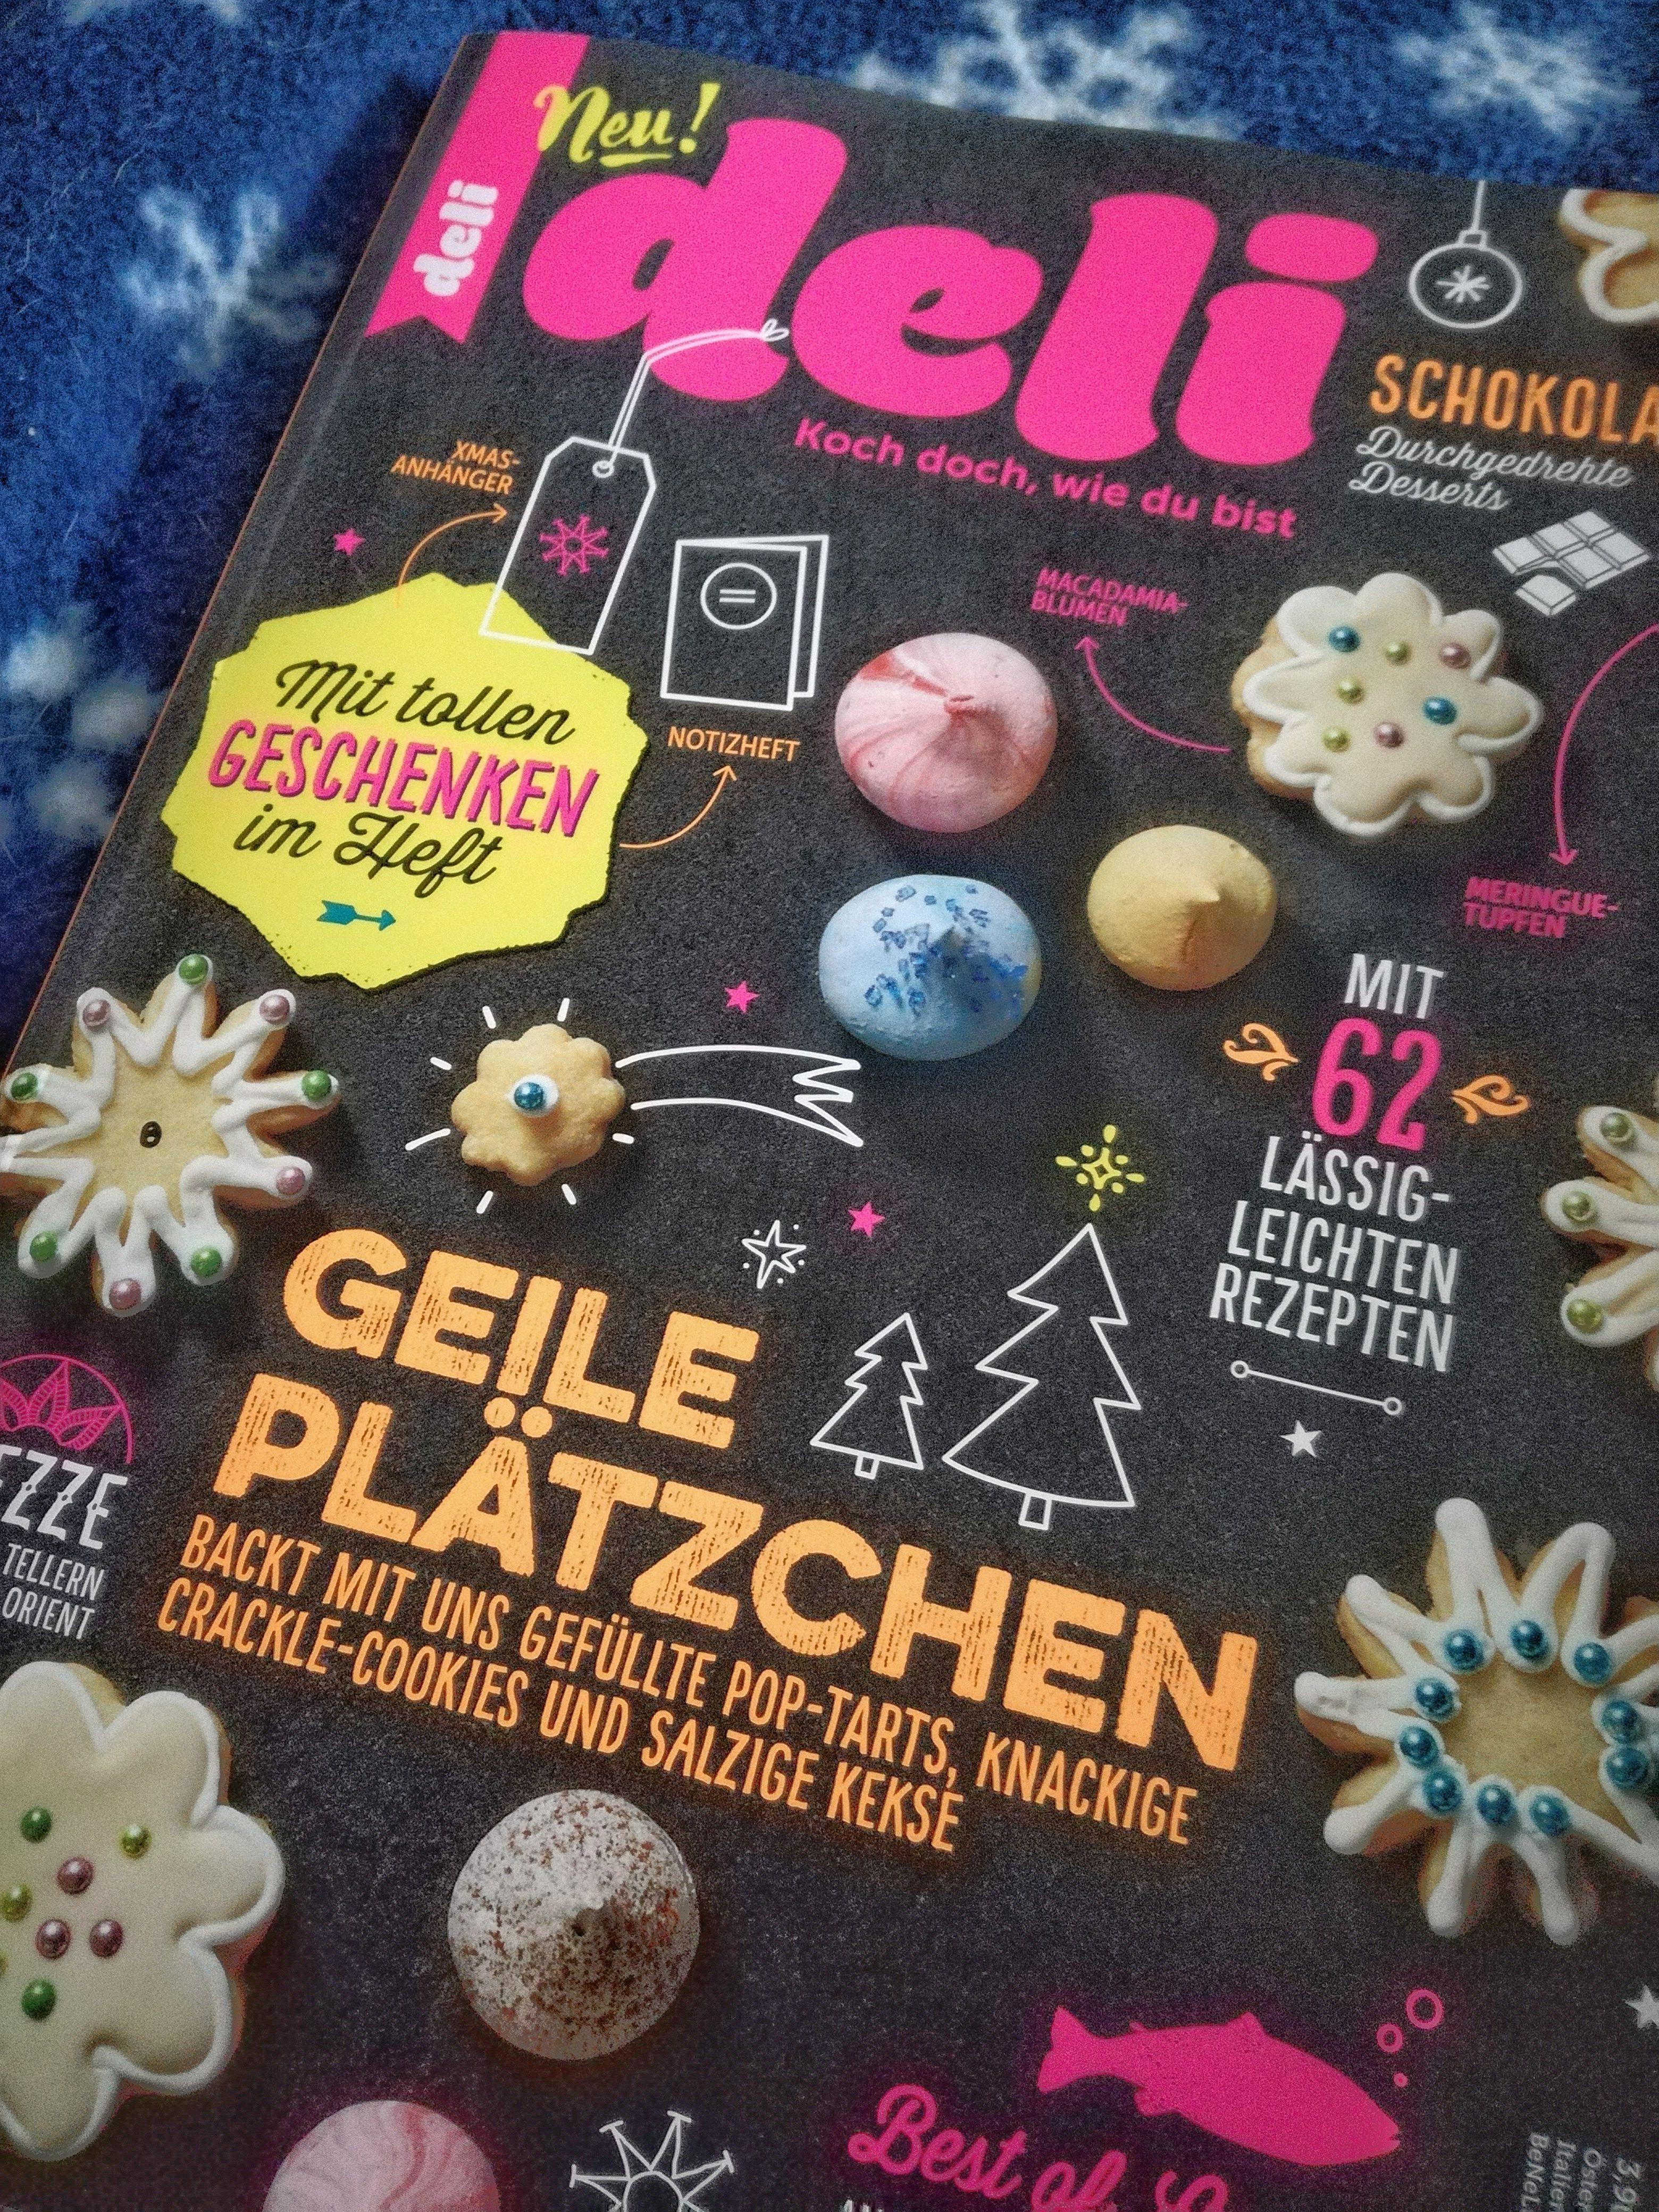 Zeitschrift Rezepte kennt ihr die neue zeitschrift deli backzeitschrift relativ coole